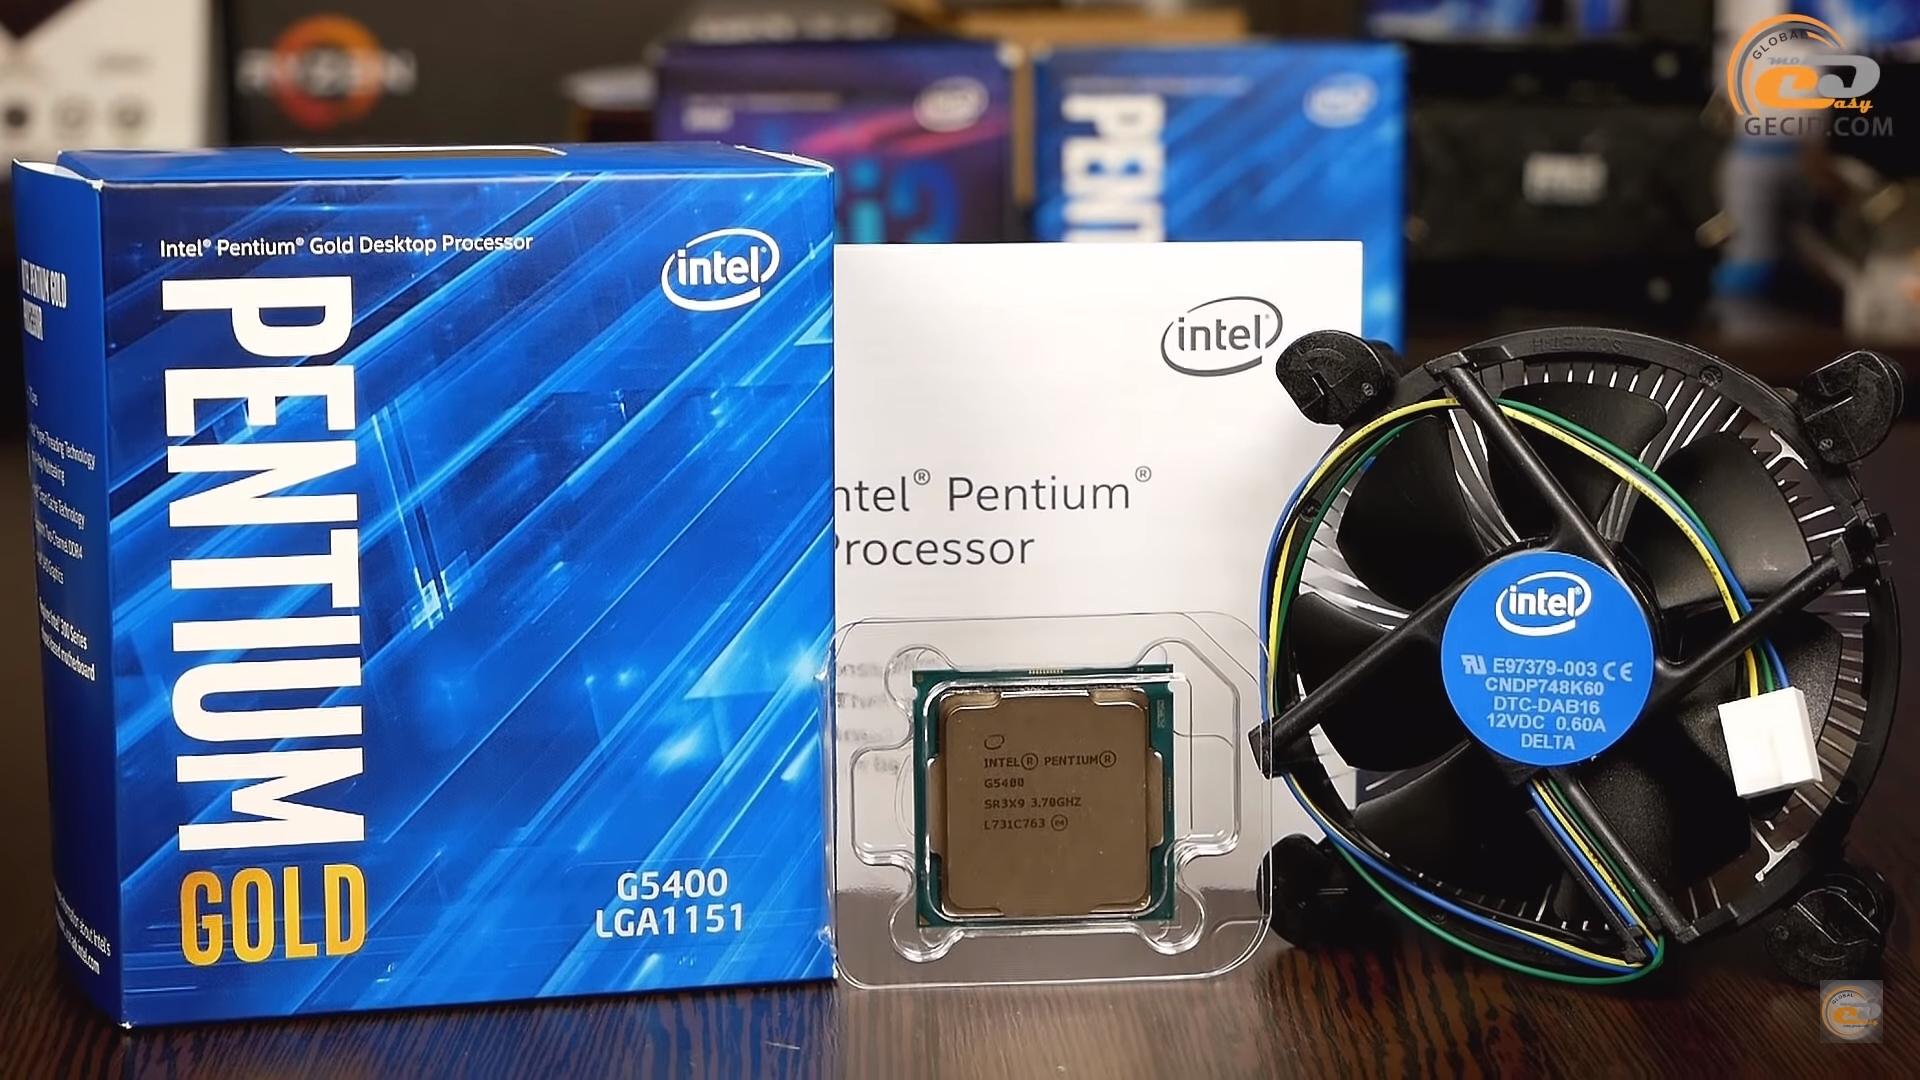 Intel Pentium Gold G5400 (BX80684G5400) купить в интернет-магазине: цены на процессор  Intel Pentium Gold G5400 (BX80684G5400) - отзывы и обзоры, фото и  характеристики. Сравнить предложения в Украине: Киев, Харьков, Одесса,  Днепр на